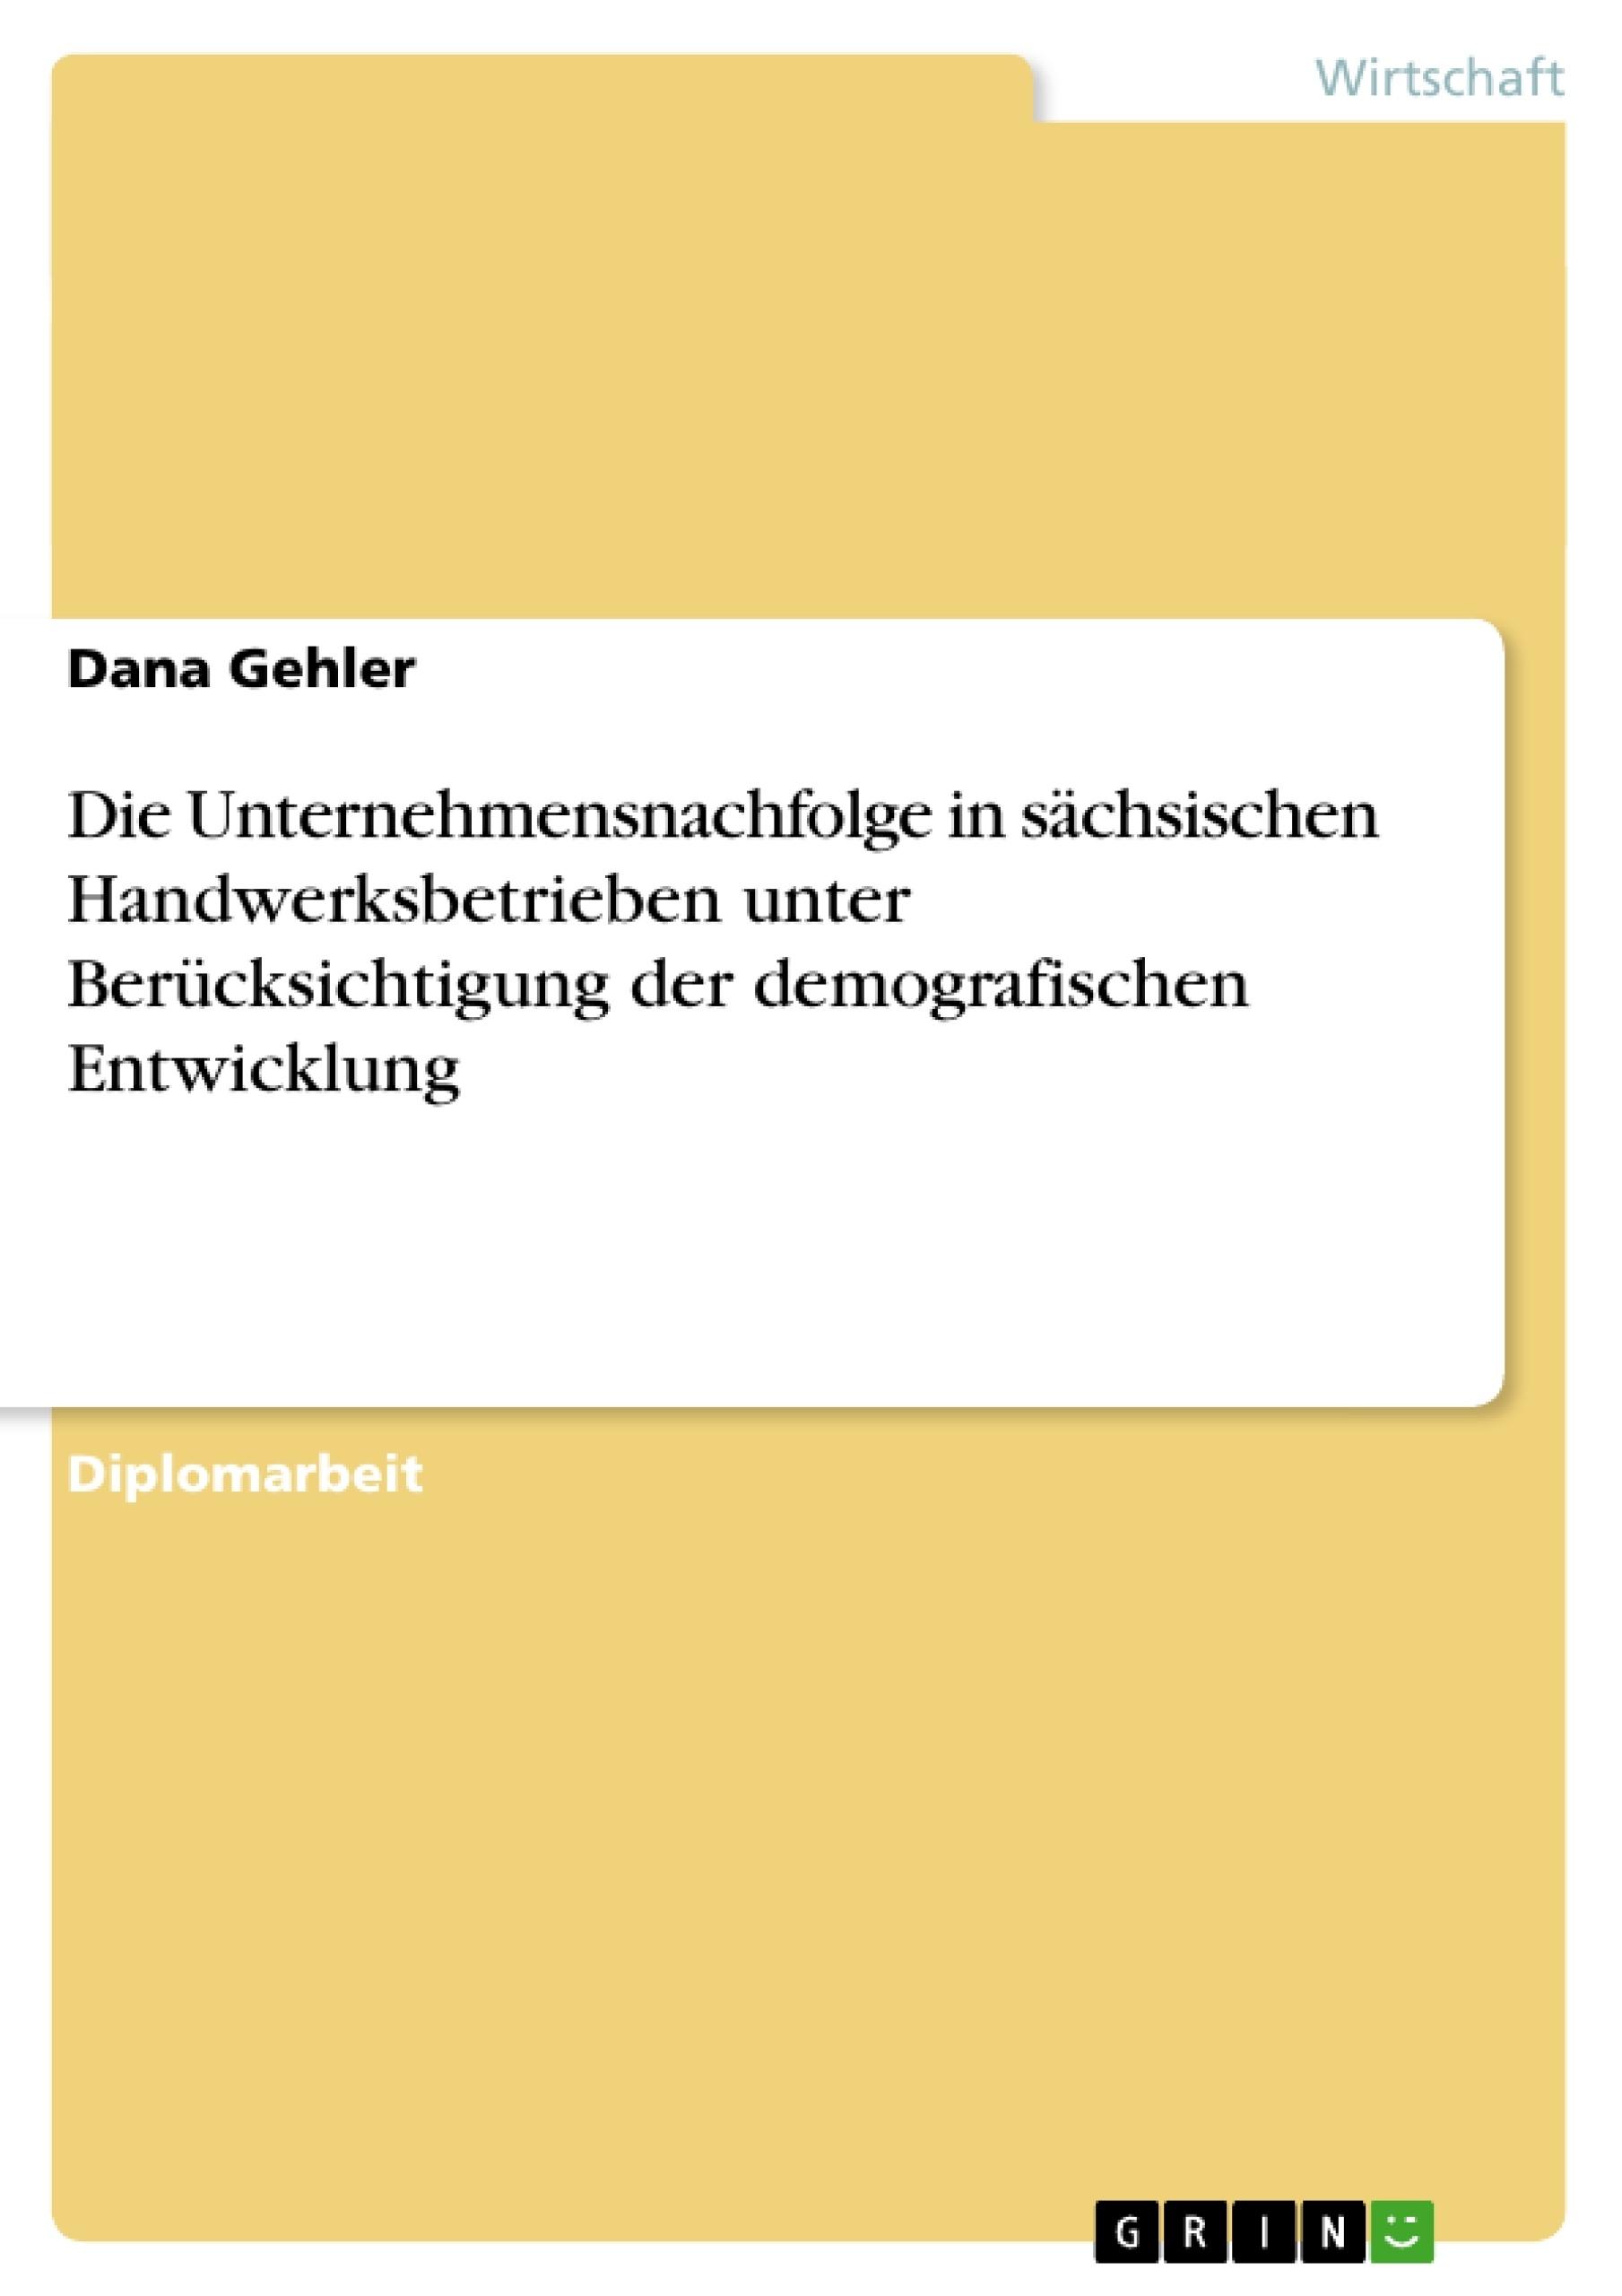 Titel: Die Unternehmensnachfolge in sächsischen Handwerksbetrieben unter Berücksichtigung der demografischen Entwicklung